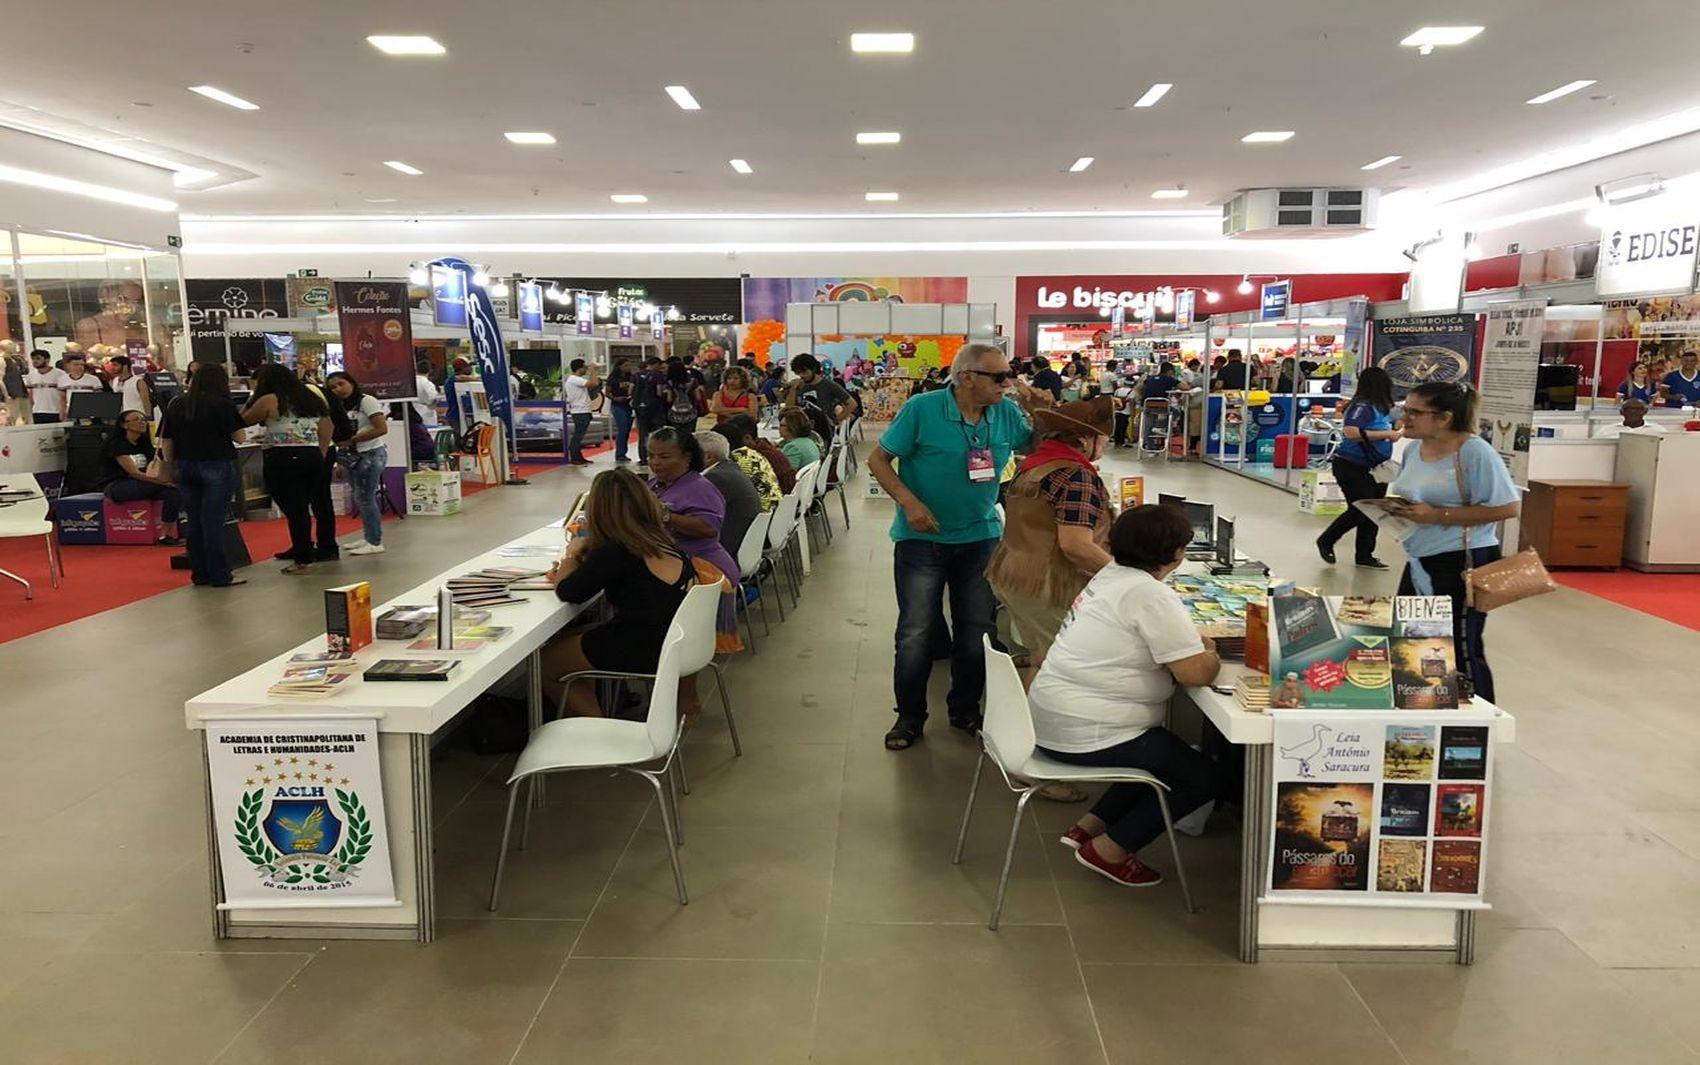 Bienal do Livro de Itabaiana termina neste domingo - Notícias - Plantão Diário